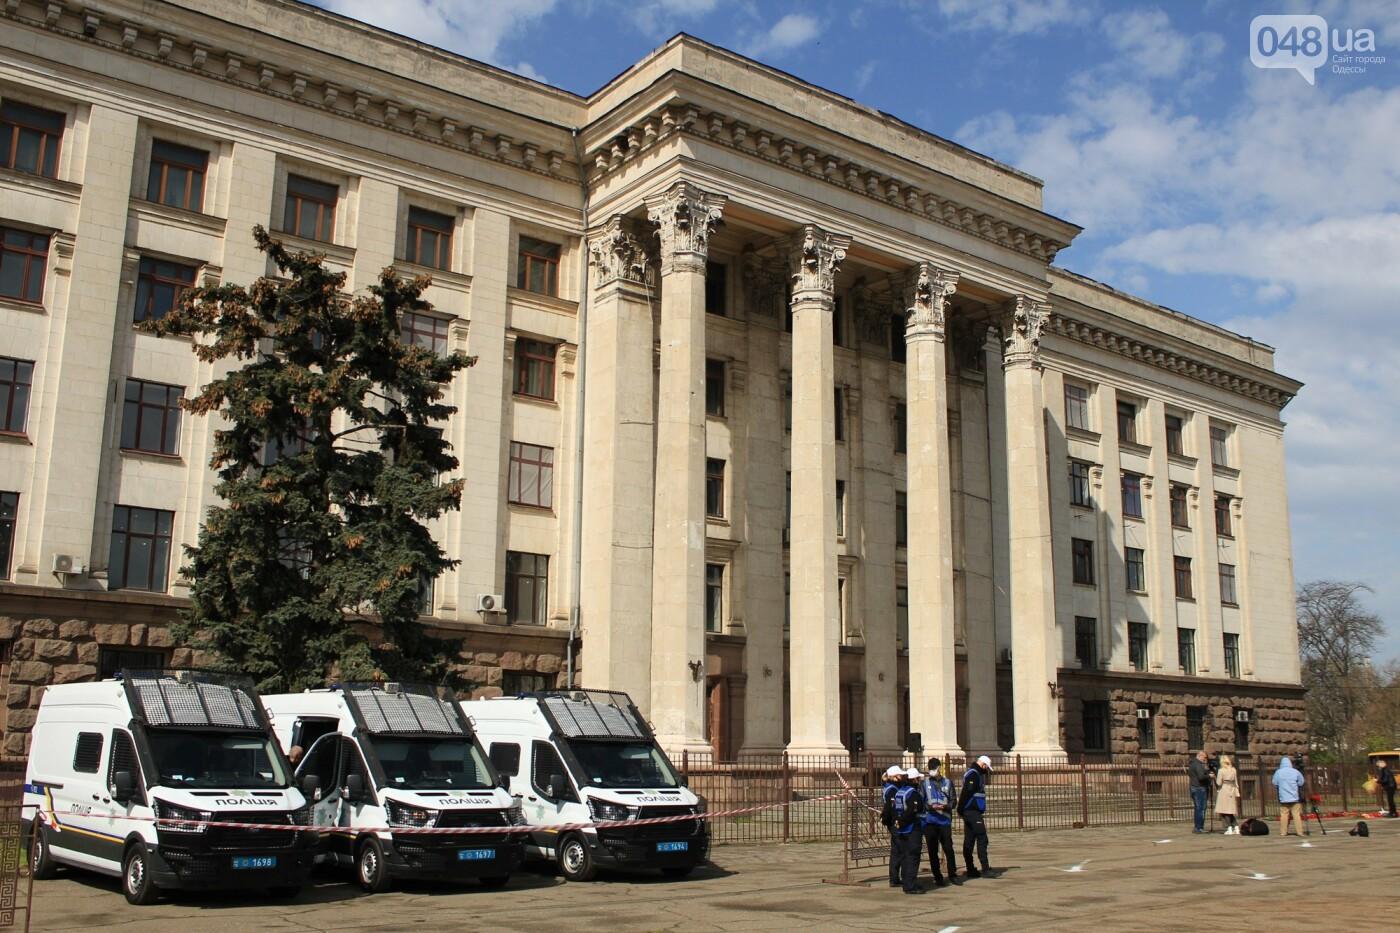 В Одессе к Дому профсоюзов несут цветы под присмотром полиции и медиков, - ФОТО, ВИДЕО , фото-22